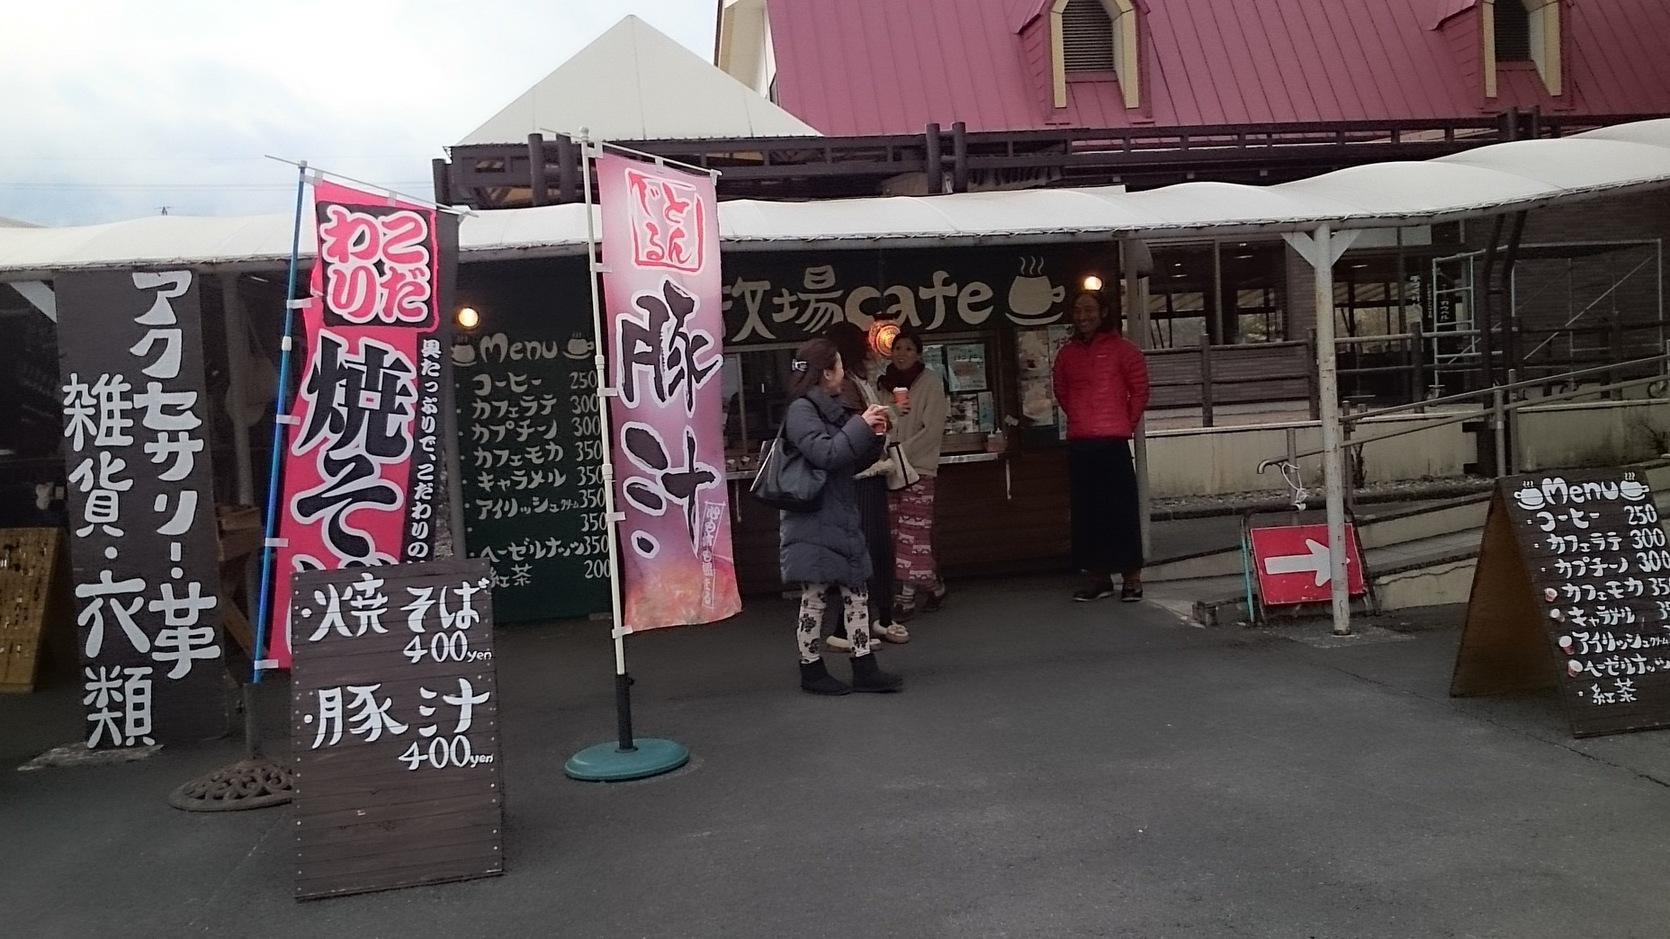 大笹牧場外売店 牧場カフェ name=